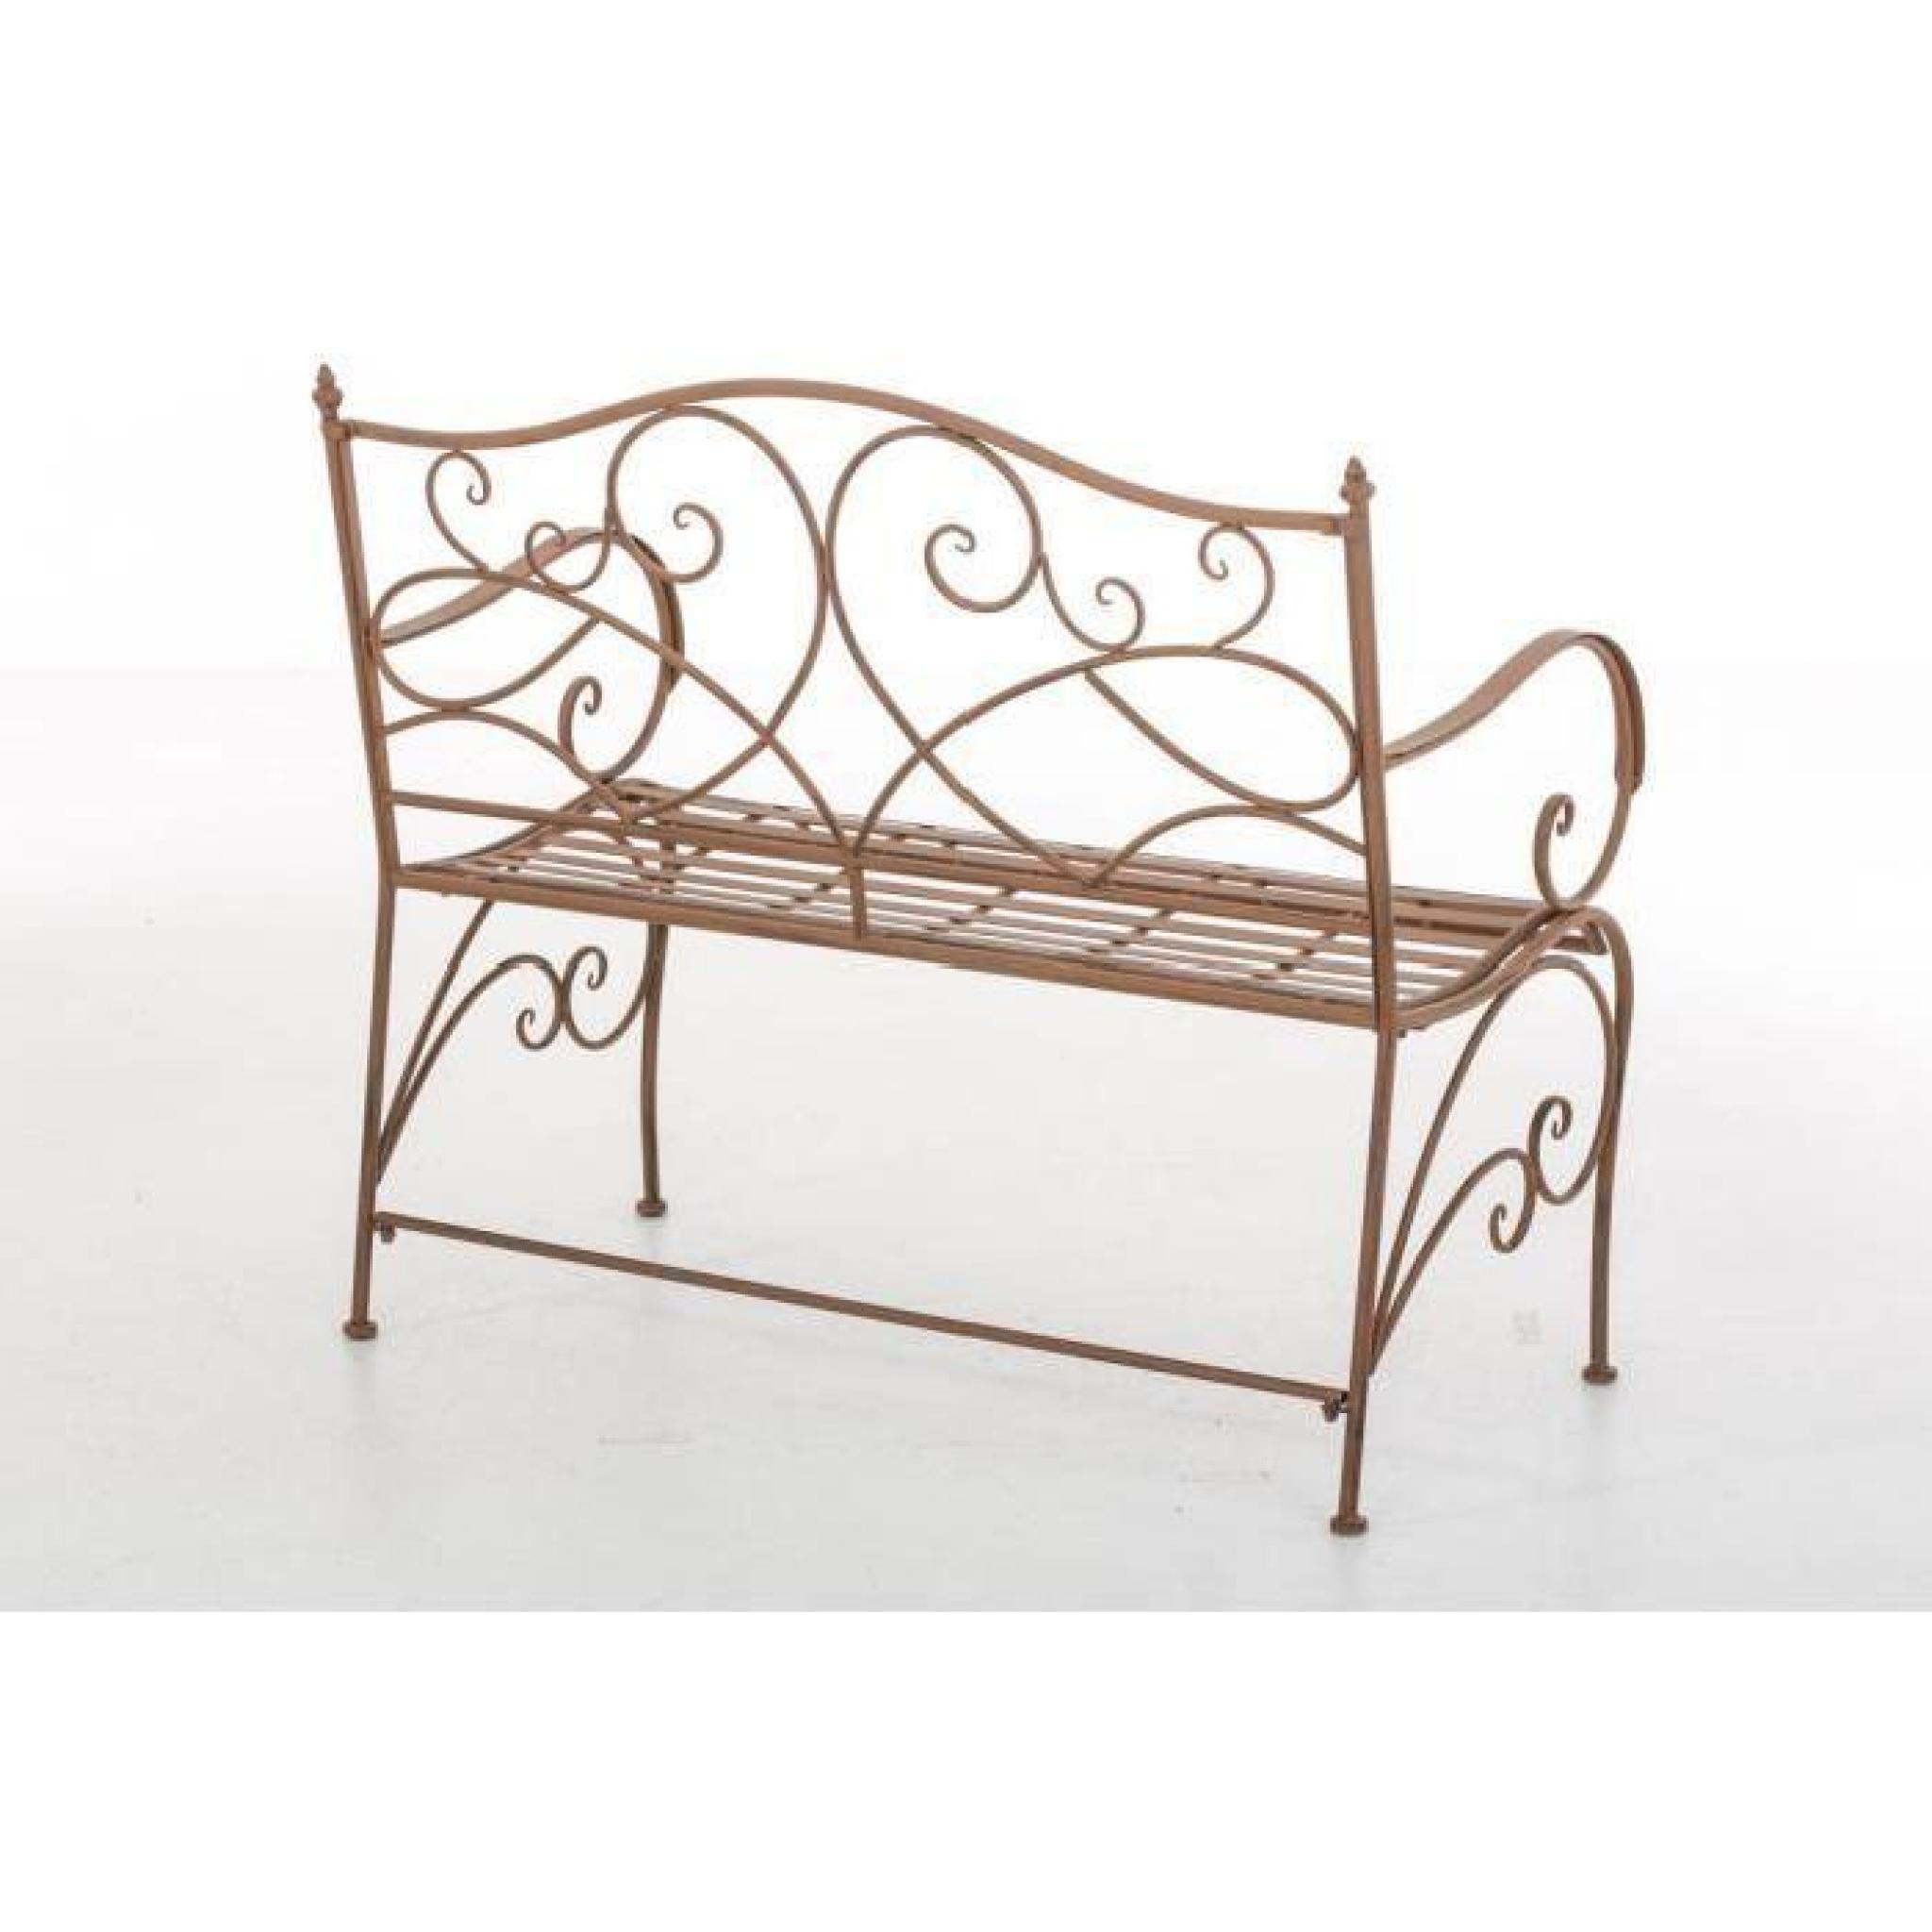 Clp banc pour jardin romantique filiz en fer forg style - Banc de jardin en fer forge pas cher ...